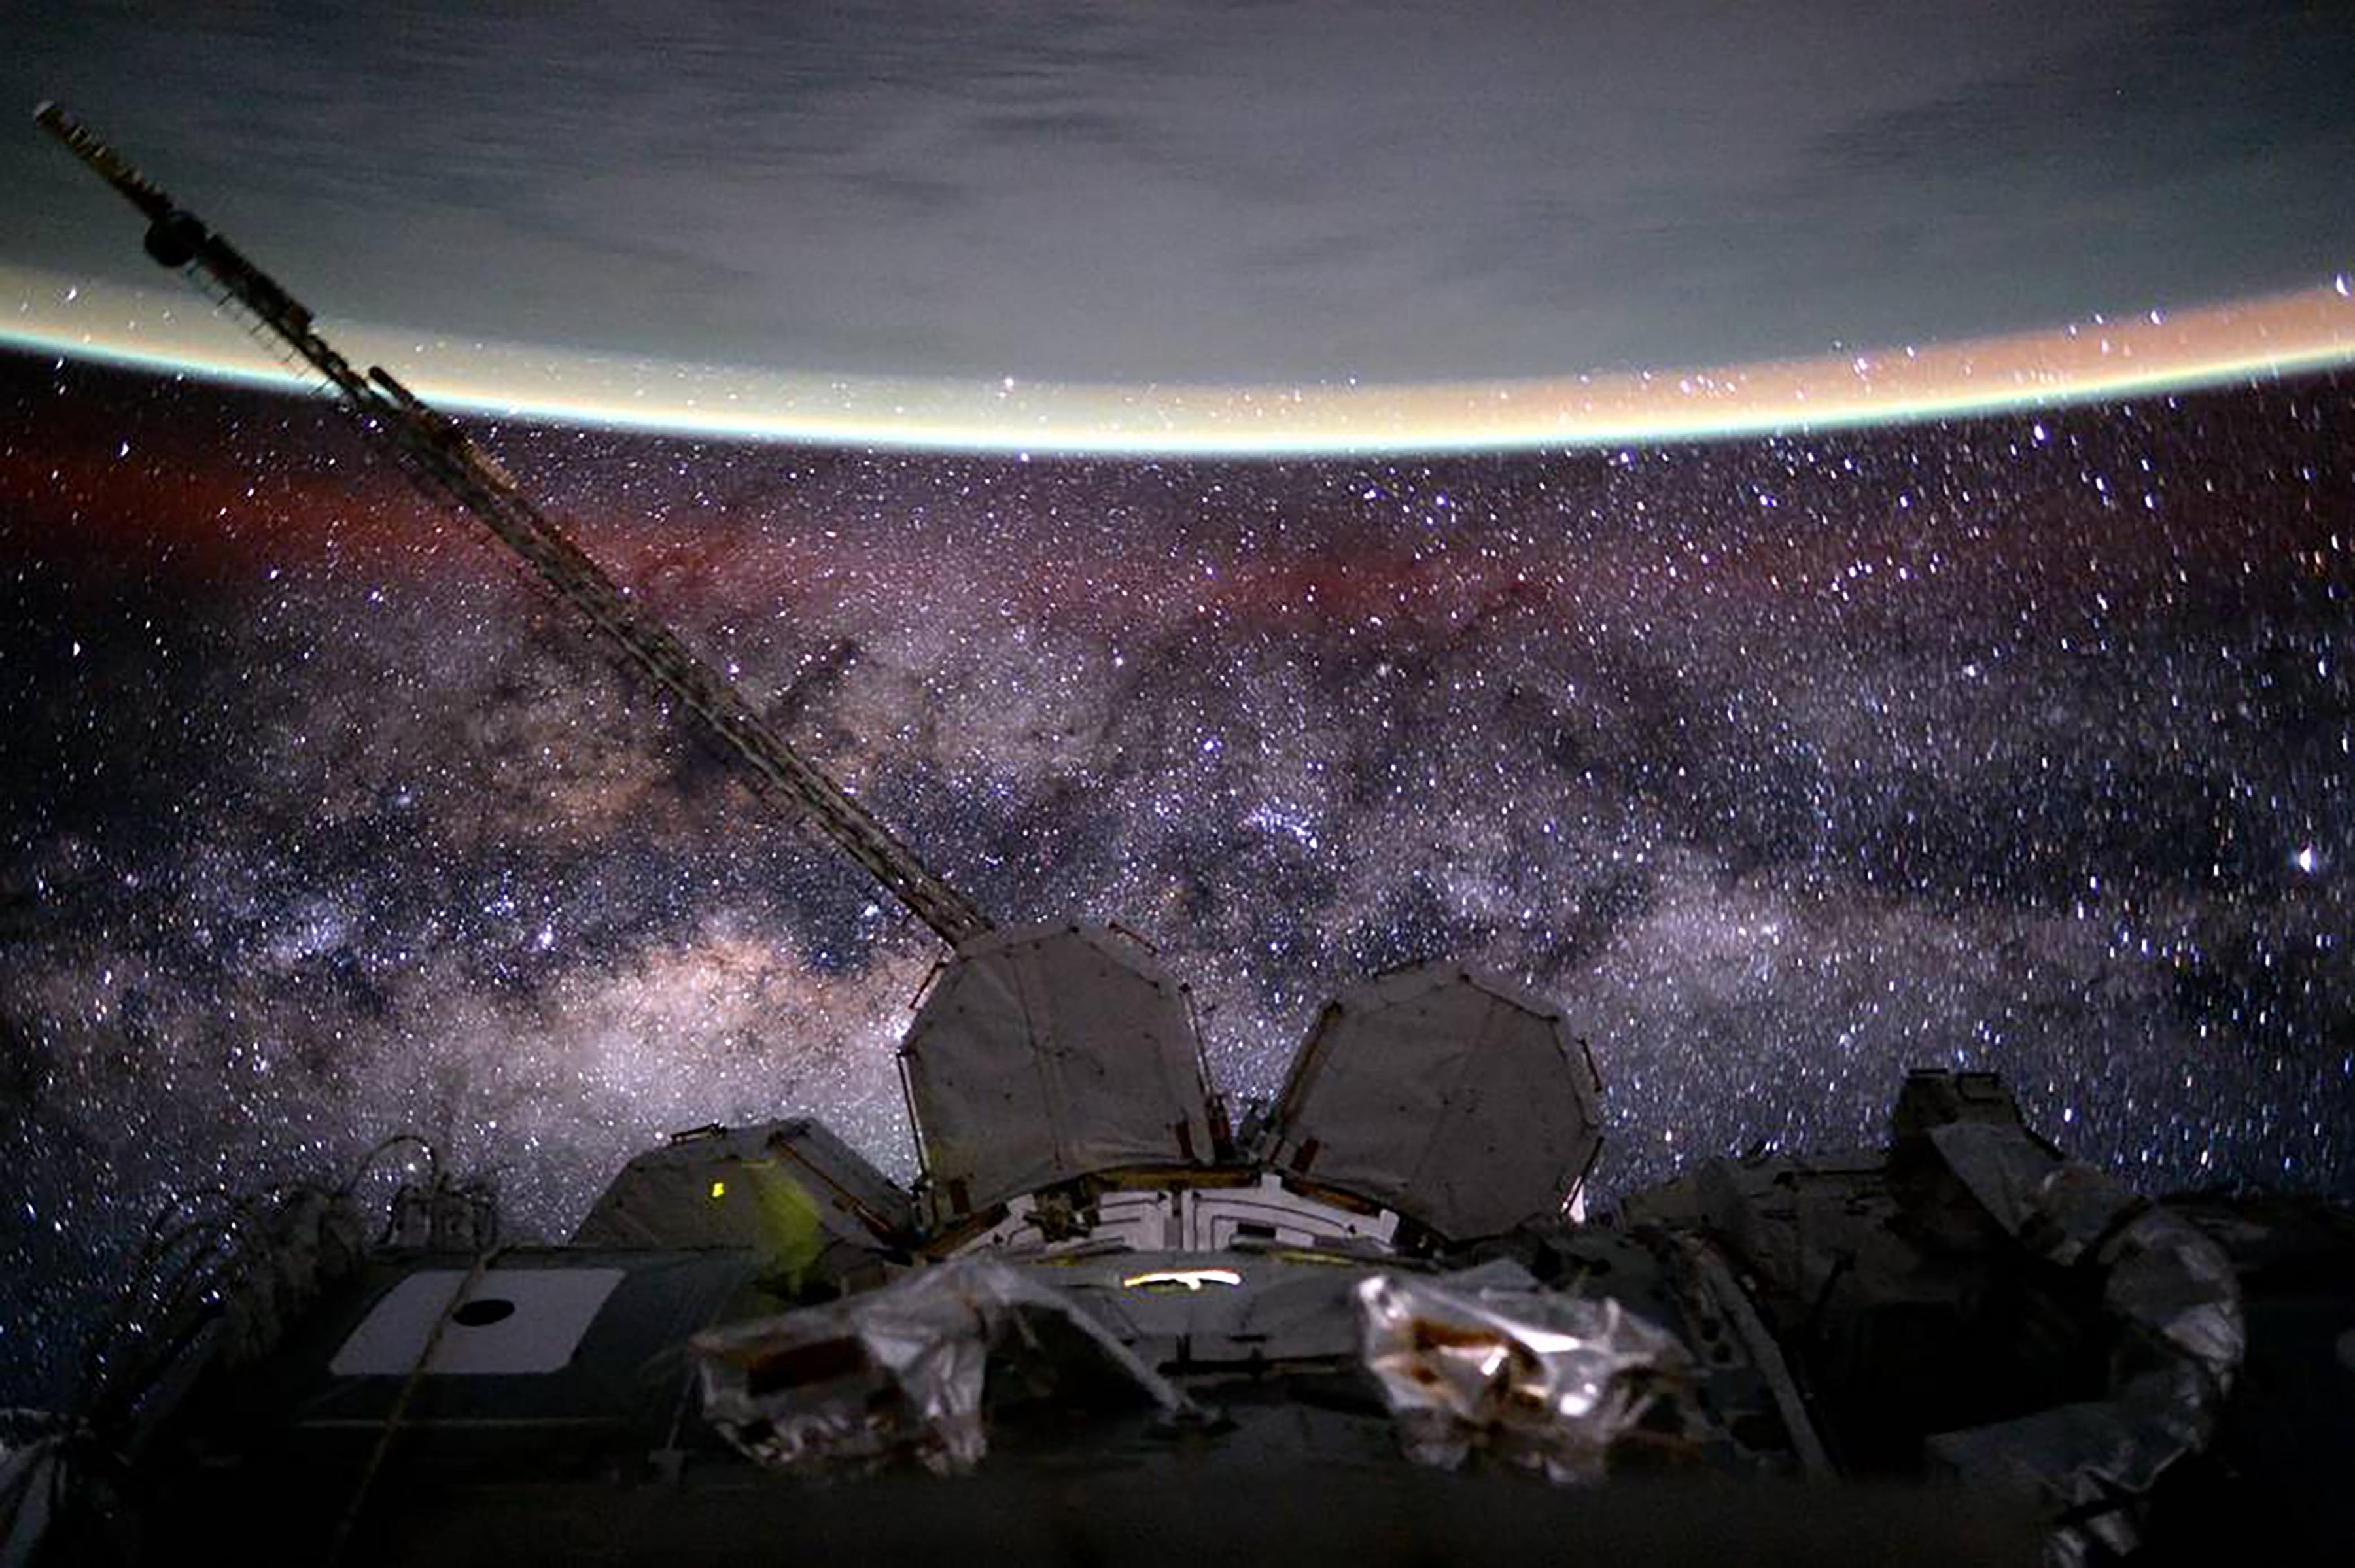 La Vía Láctea, la Estación Espacial Internacional y la Tierra (Scott Kelly/NASA via The New York Times)